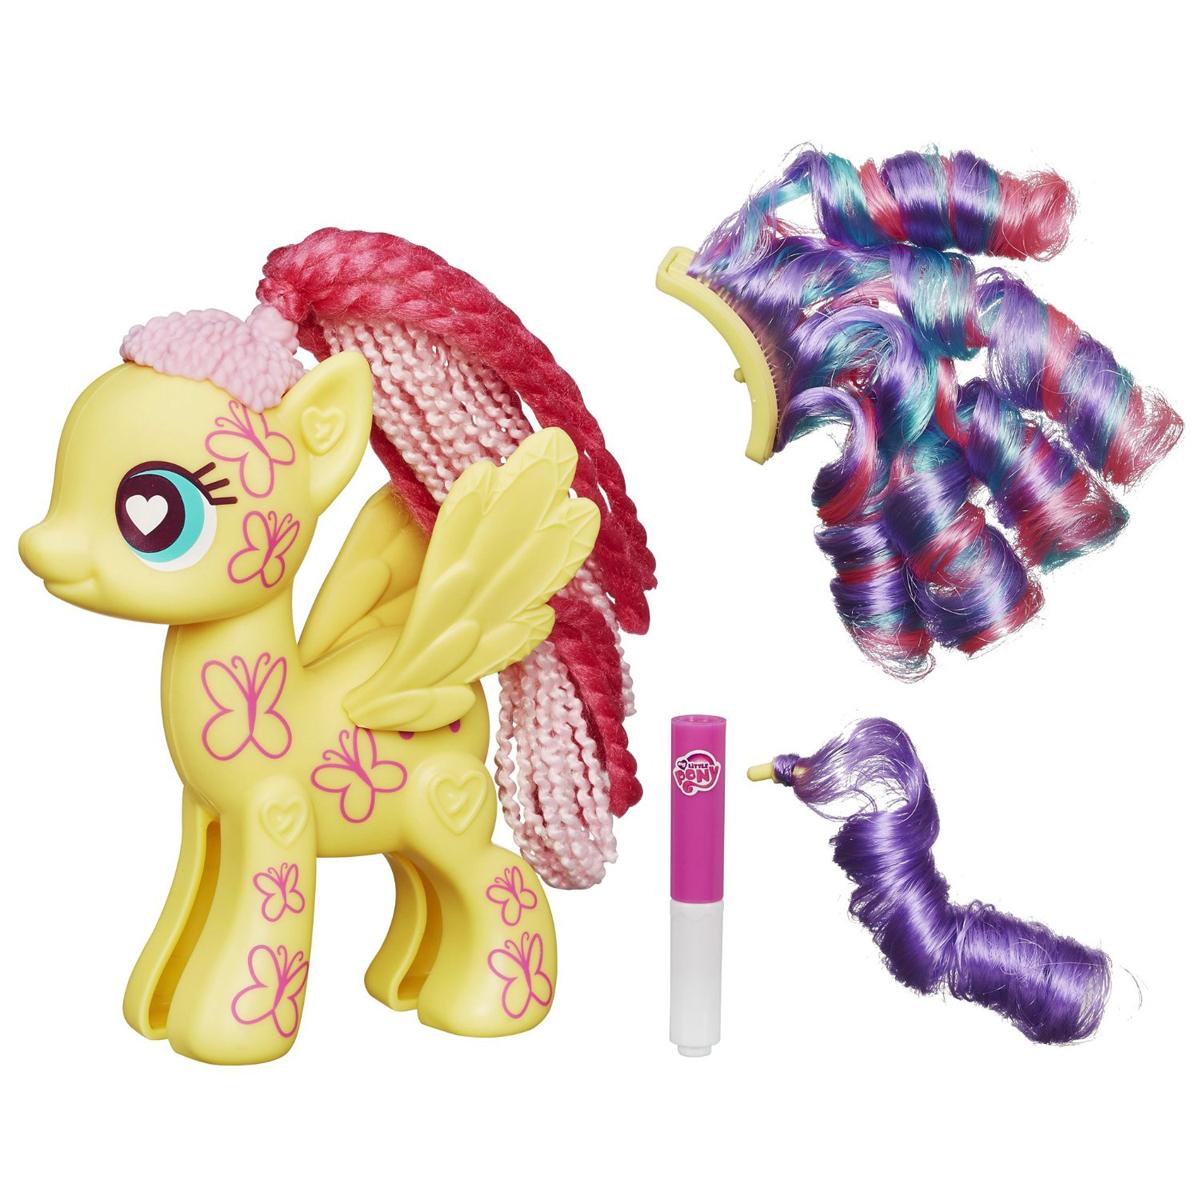 Игровой набор - Пони Флаттершай. My Little PonyМоя маленькая пони (My Little Pony)<br>Игровой набор - Пони Флаттершай. My Little Pony<br>